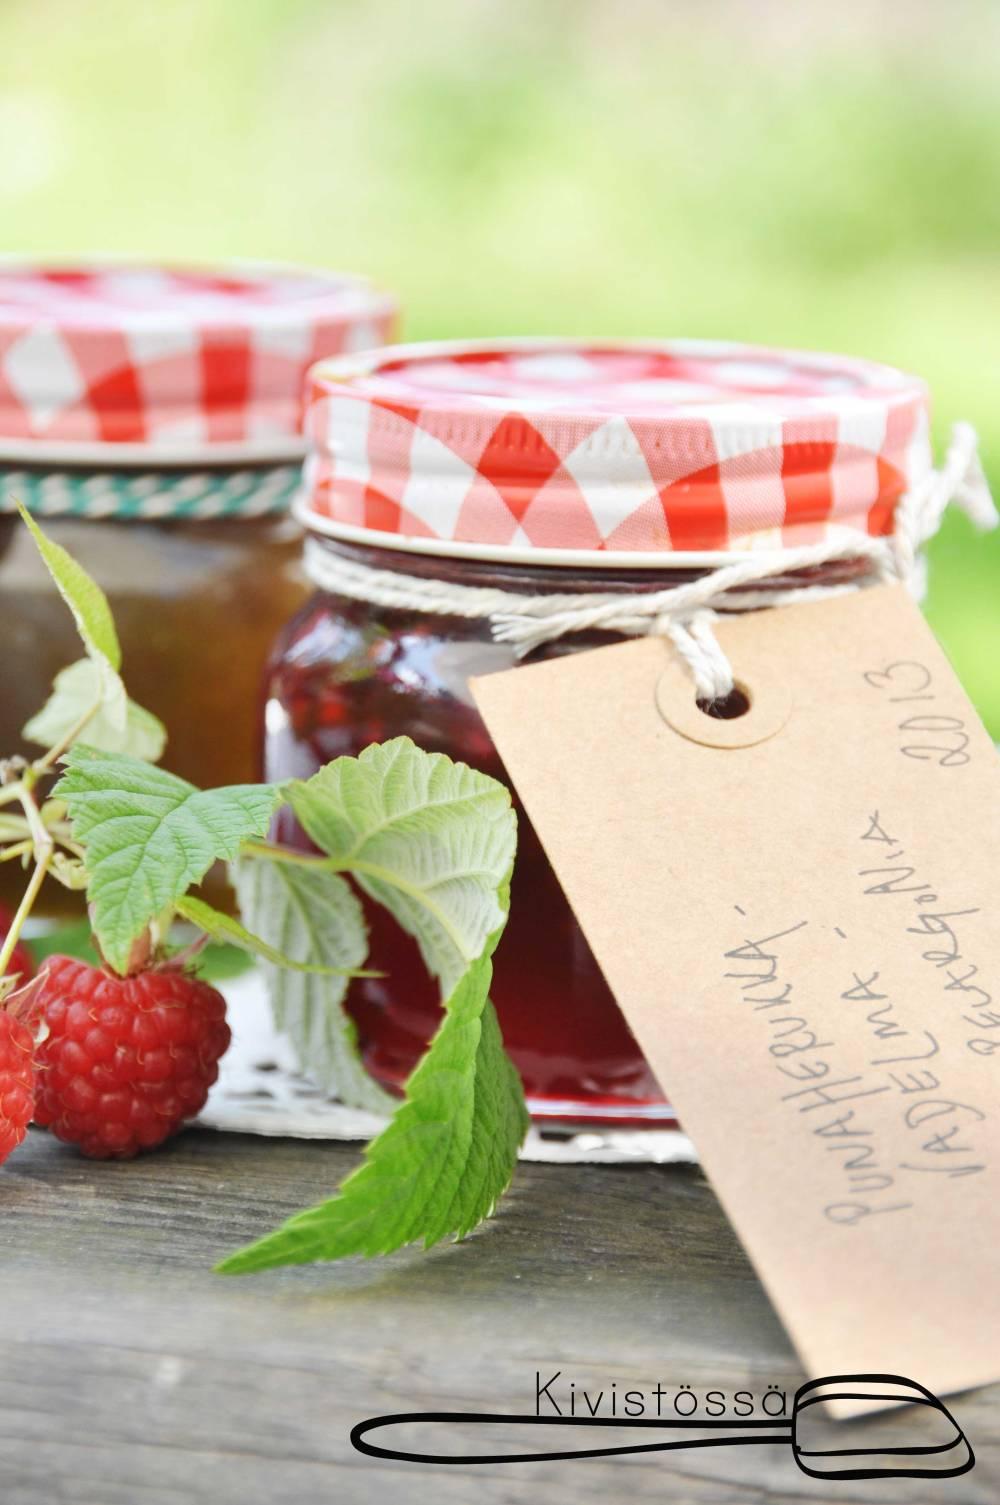 Homemade-Jams-Kivistössä-Blog